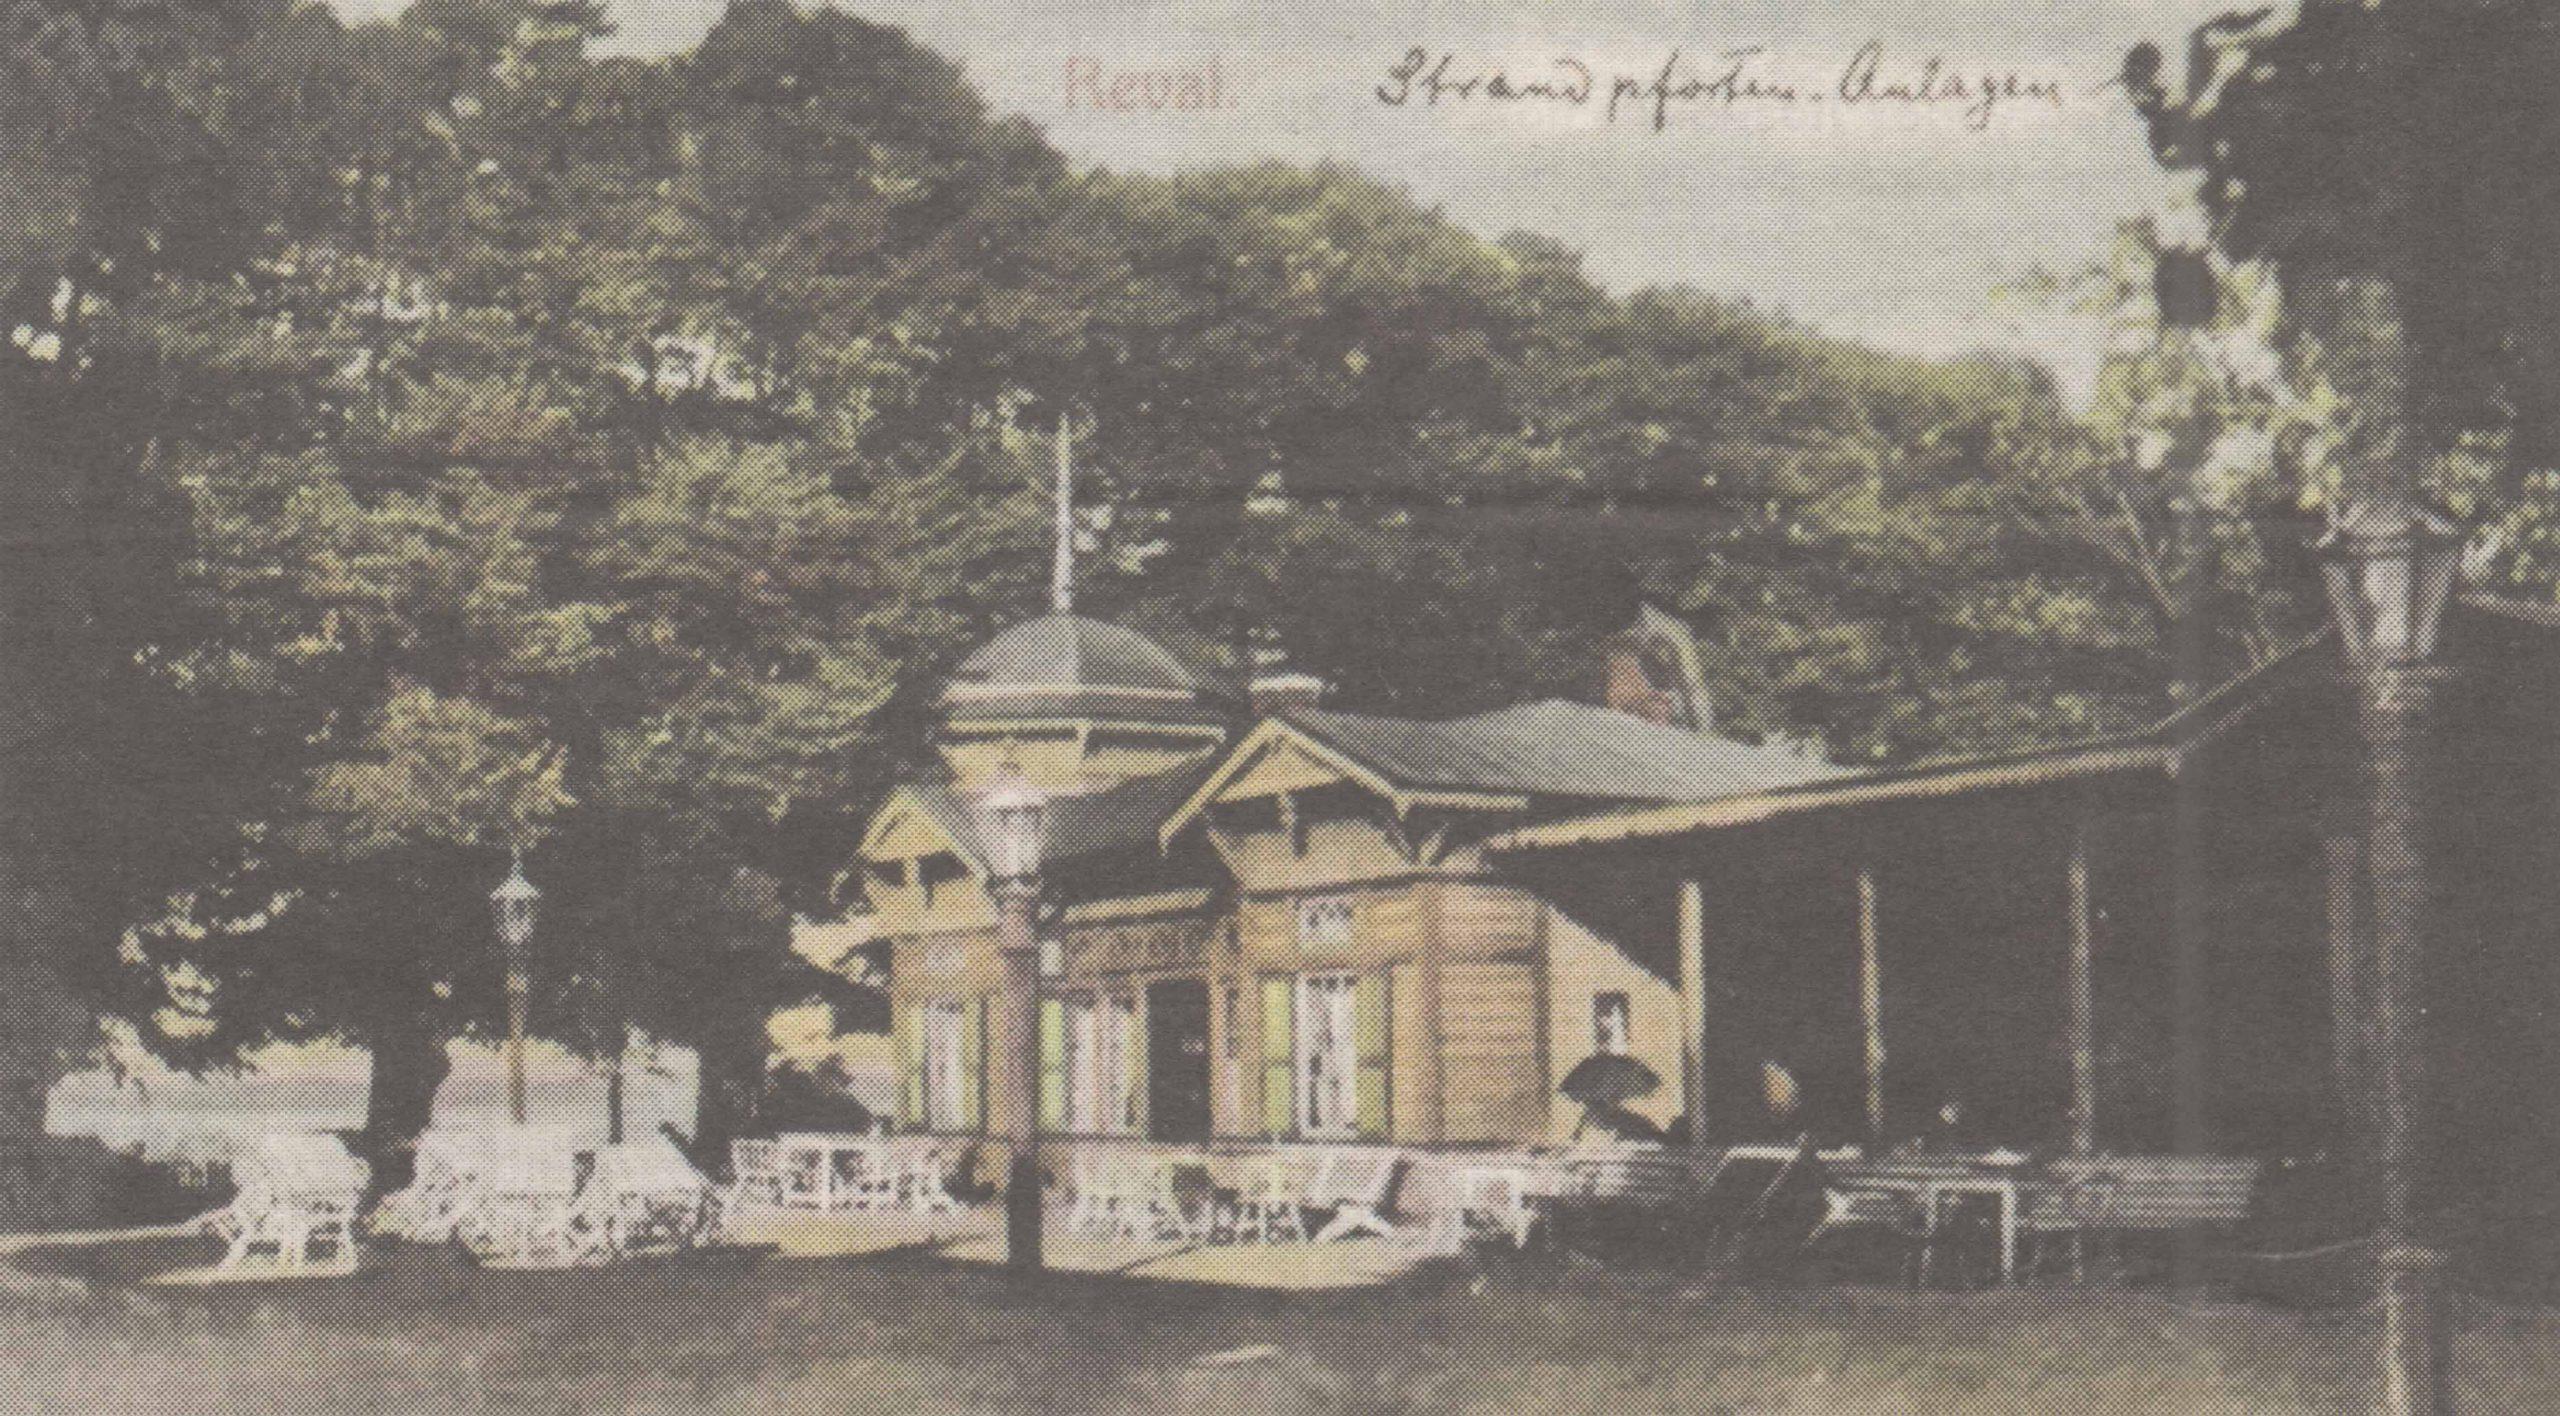 Летний буфет на горке у Морских ворот, открывшийся в 1886 году и окончательно сгоревший накануне Первой мировой войны.